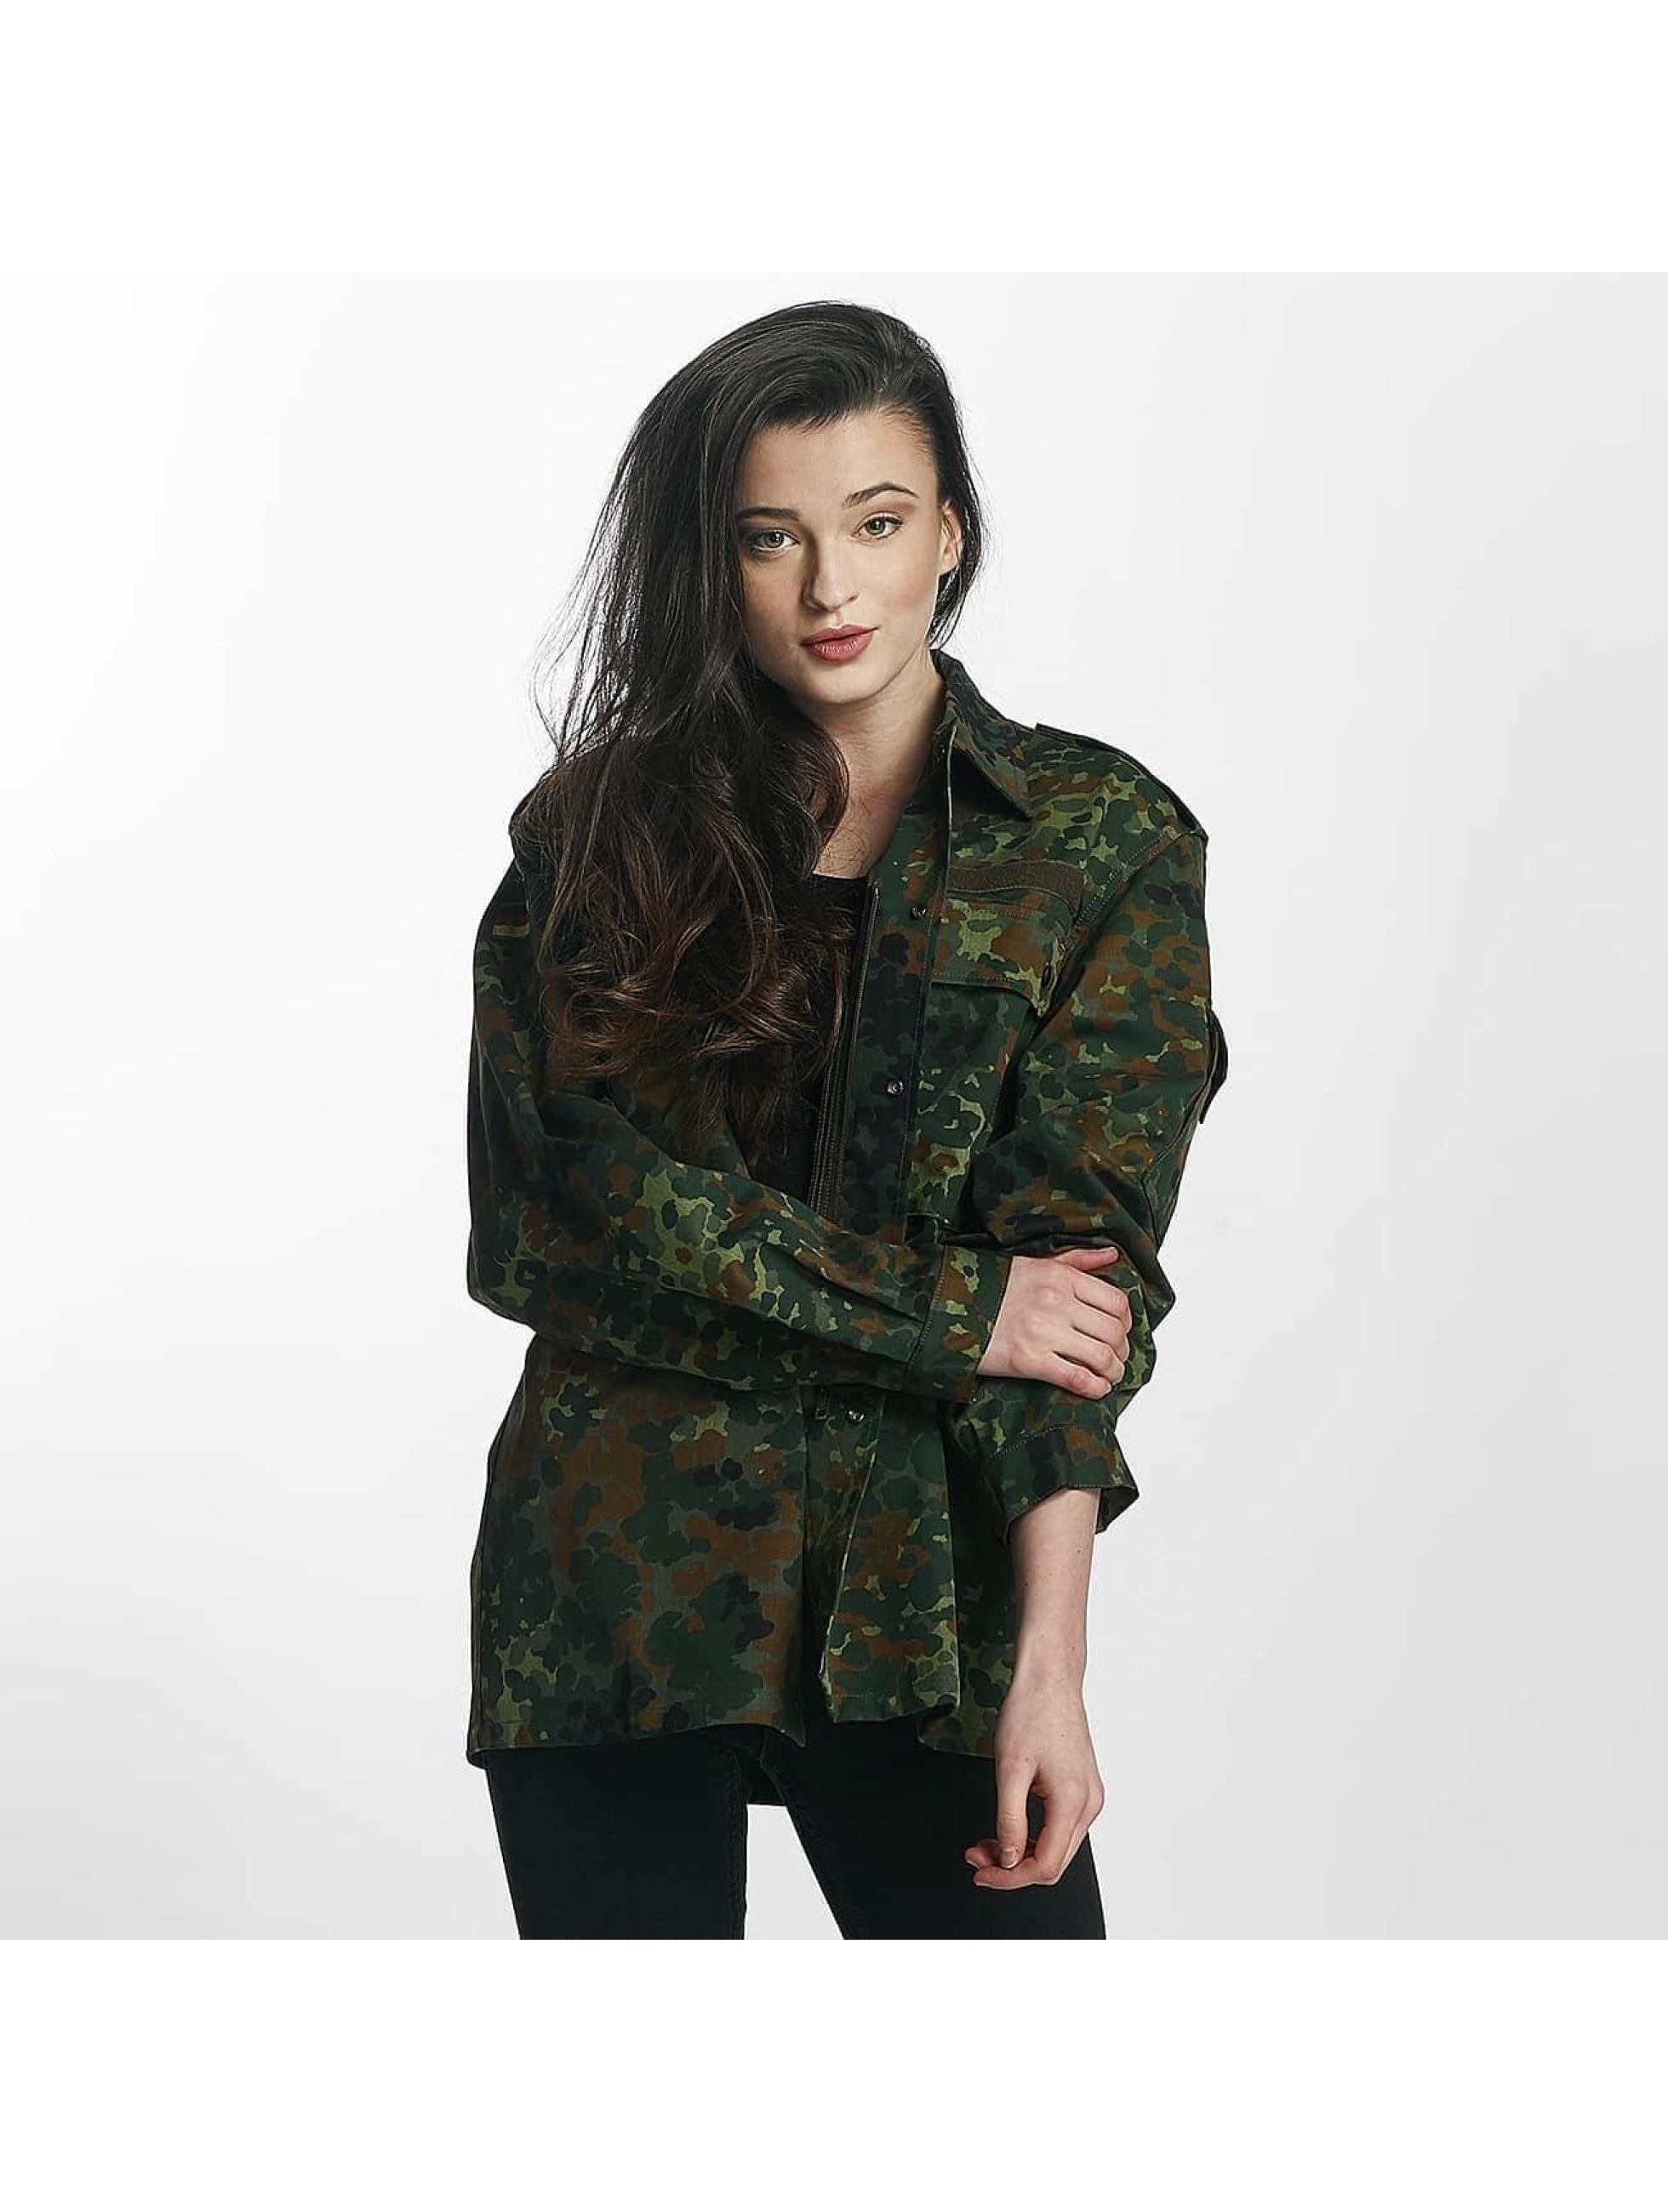 Soniush Veste mi-saison légère Je Taime camouflage